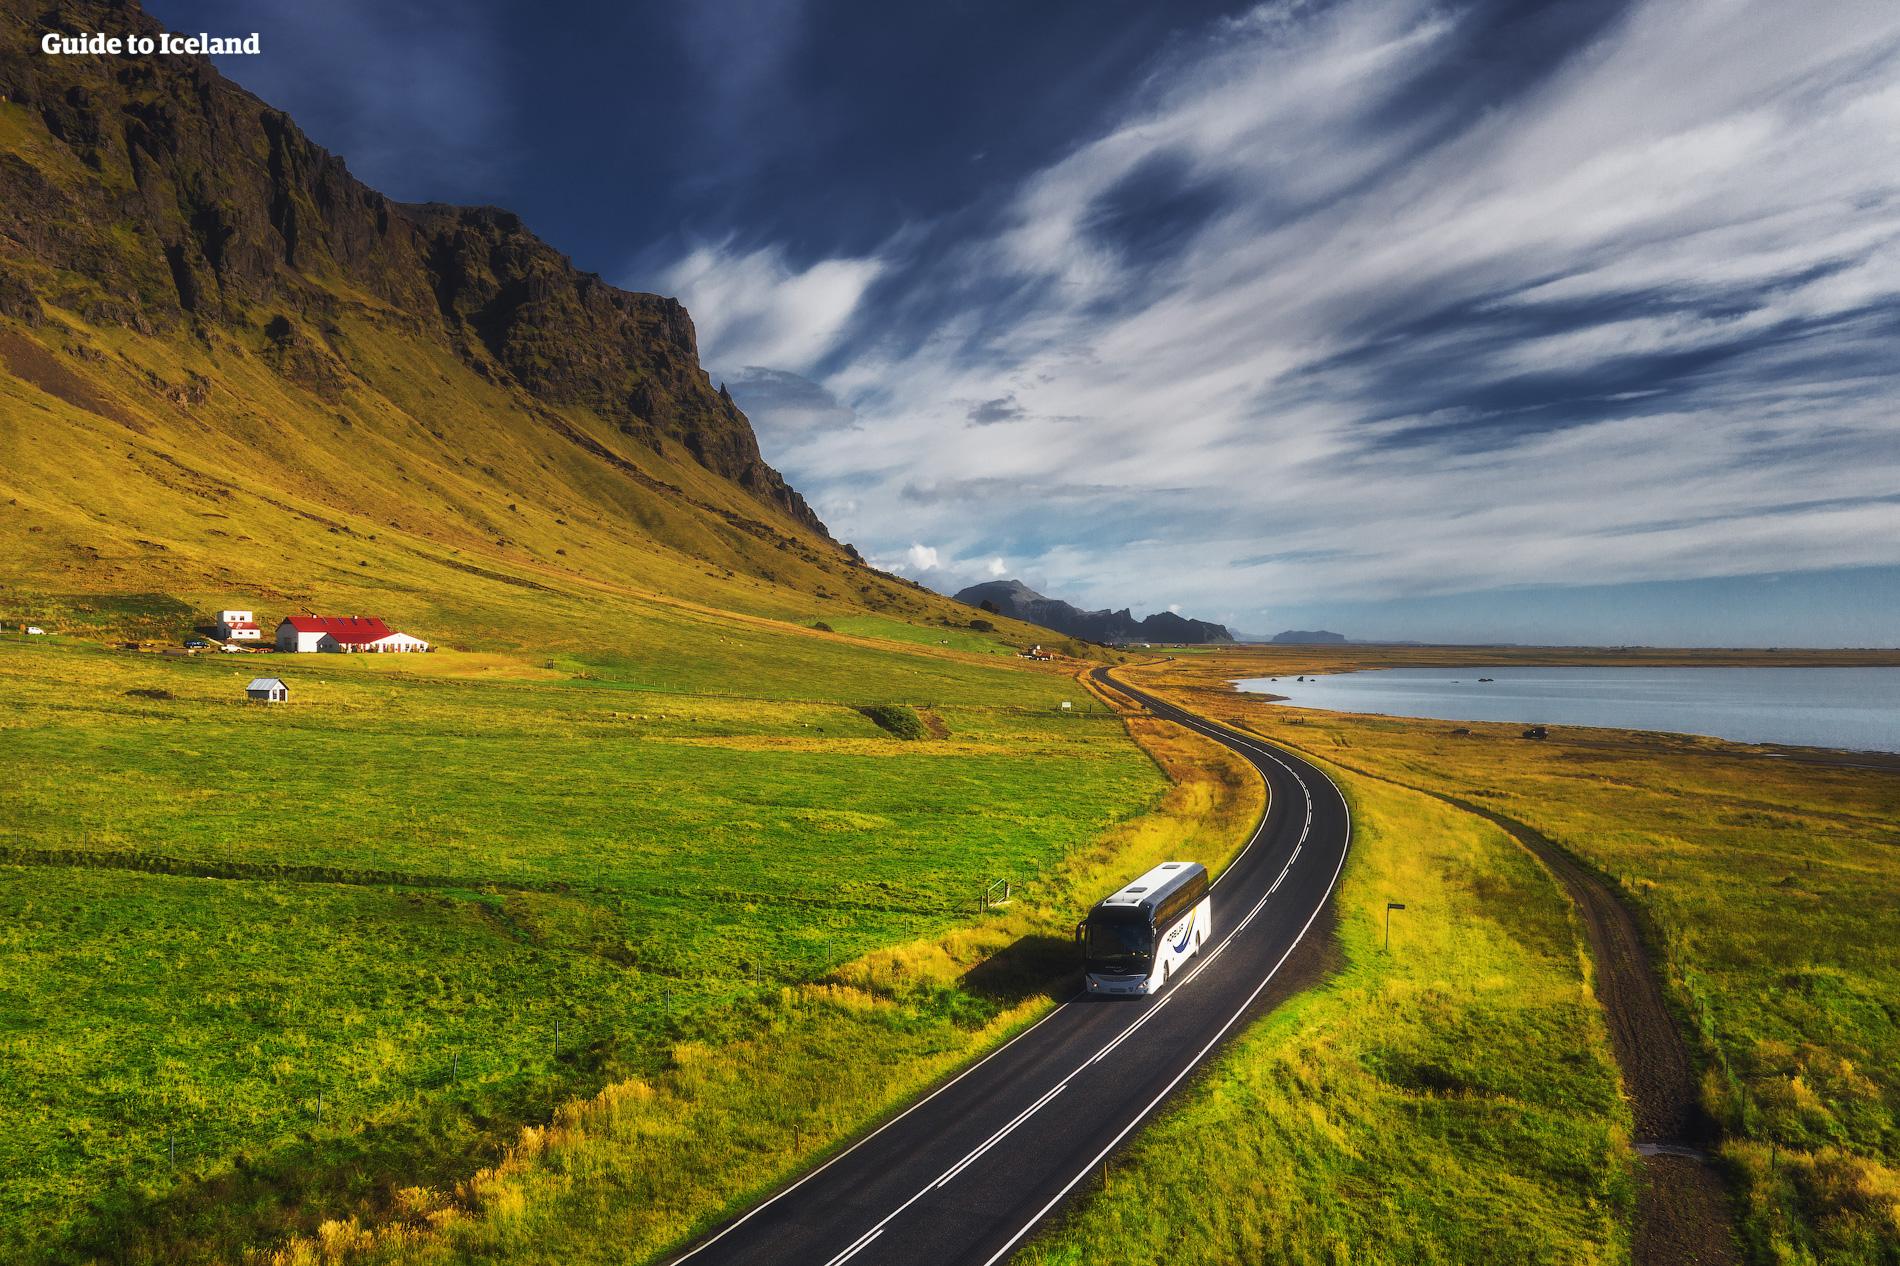 租车自驾探访冰岛自然美景